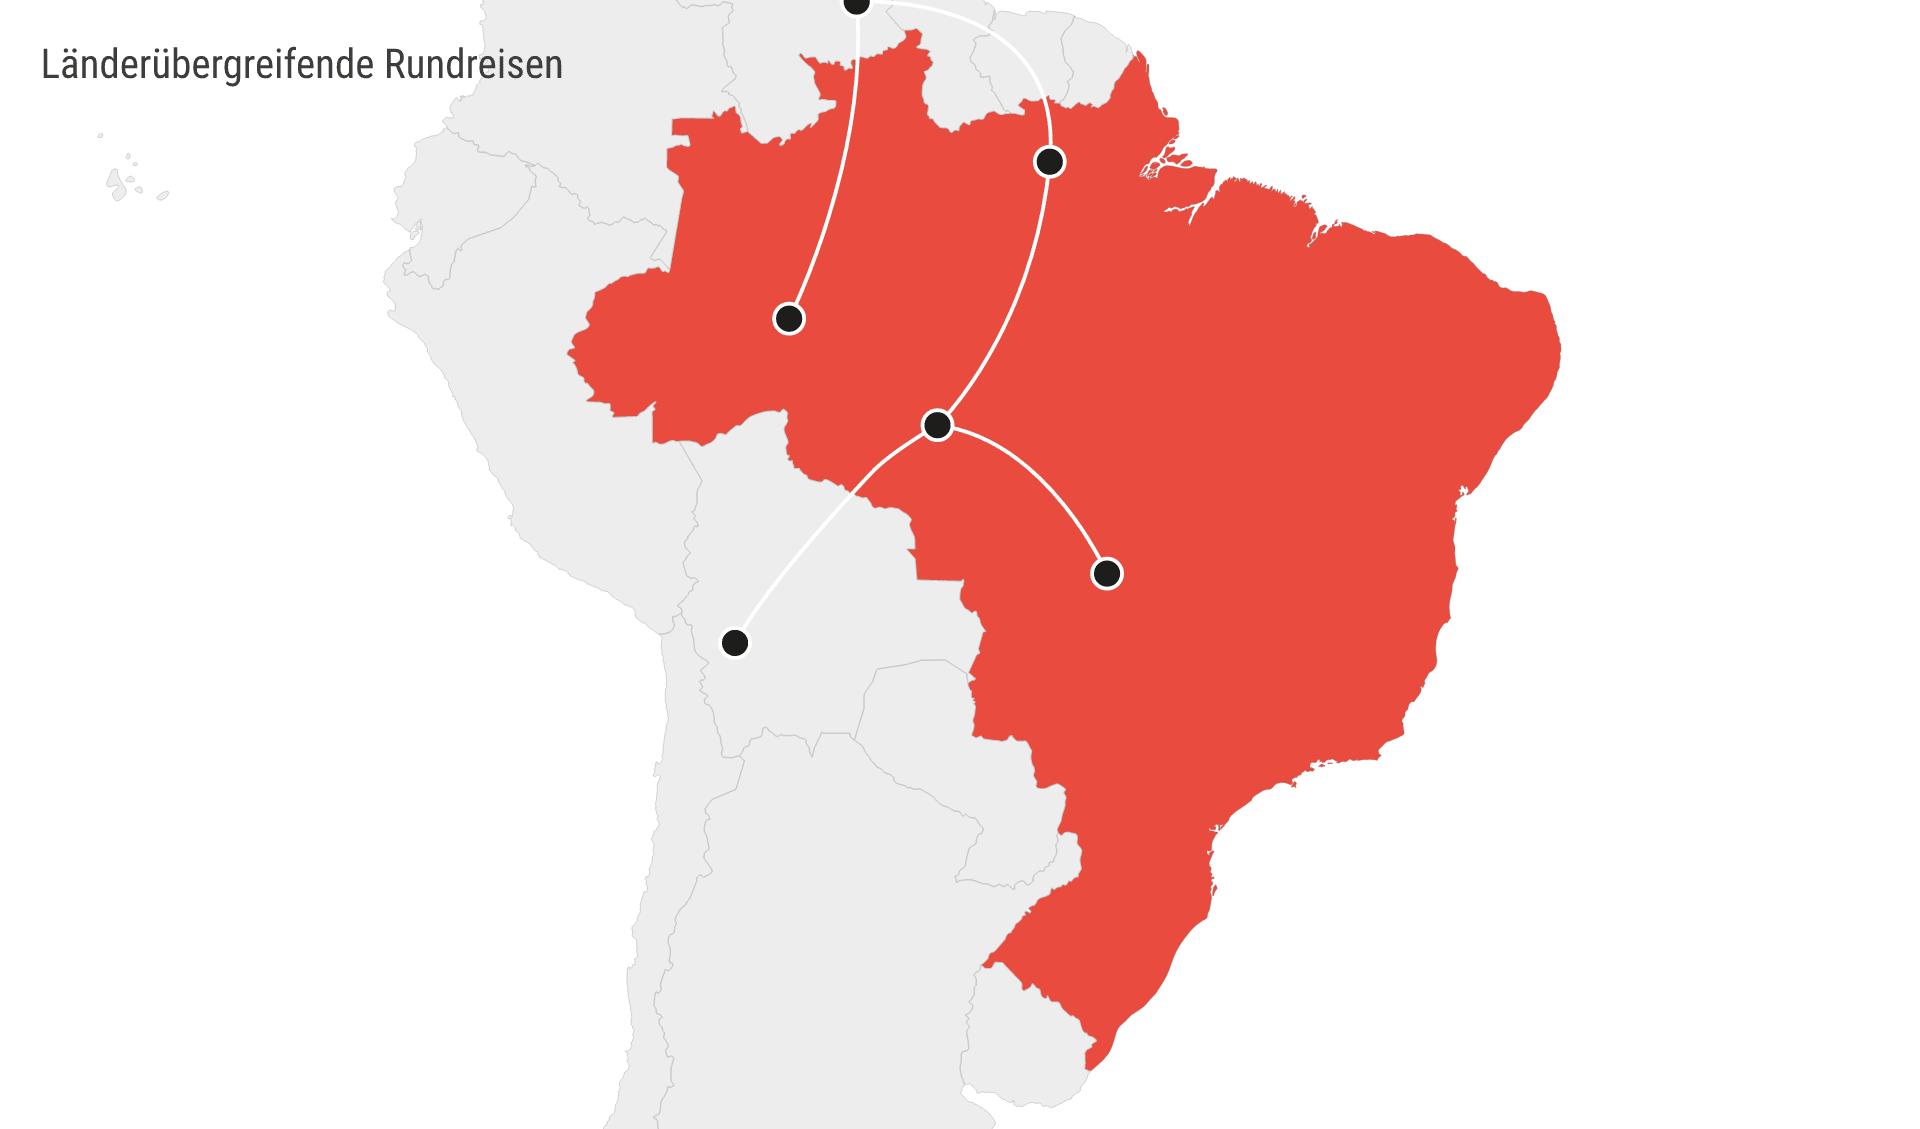 Karte Chile Rundreisen länderübergreifend